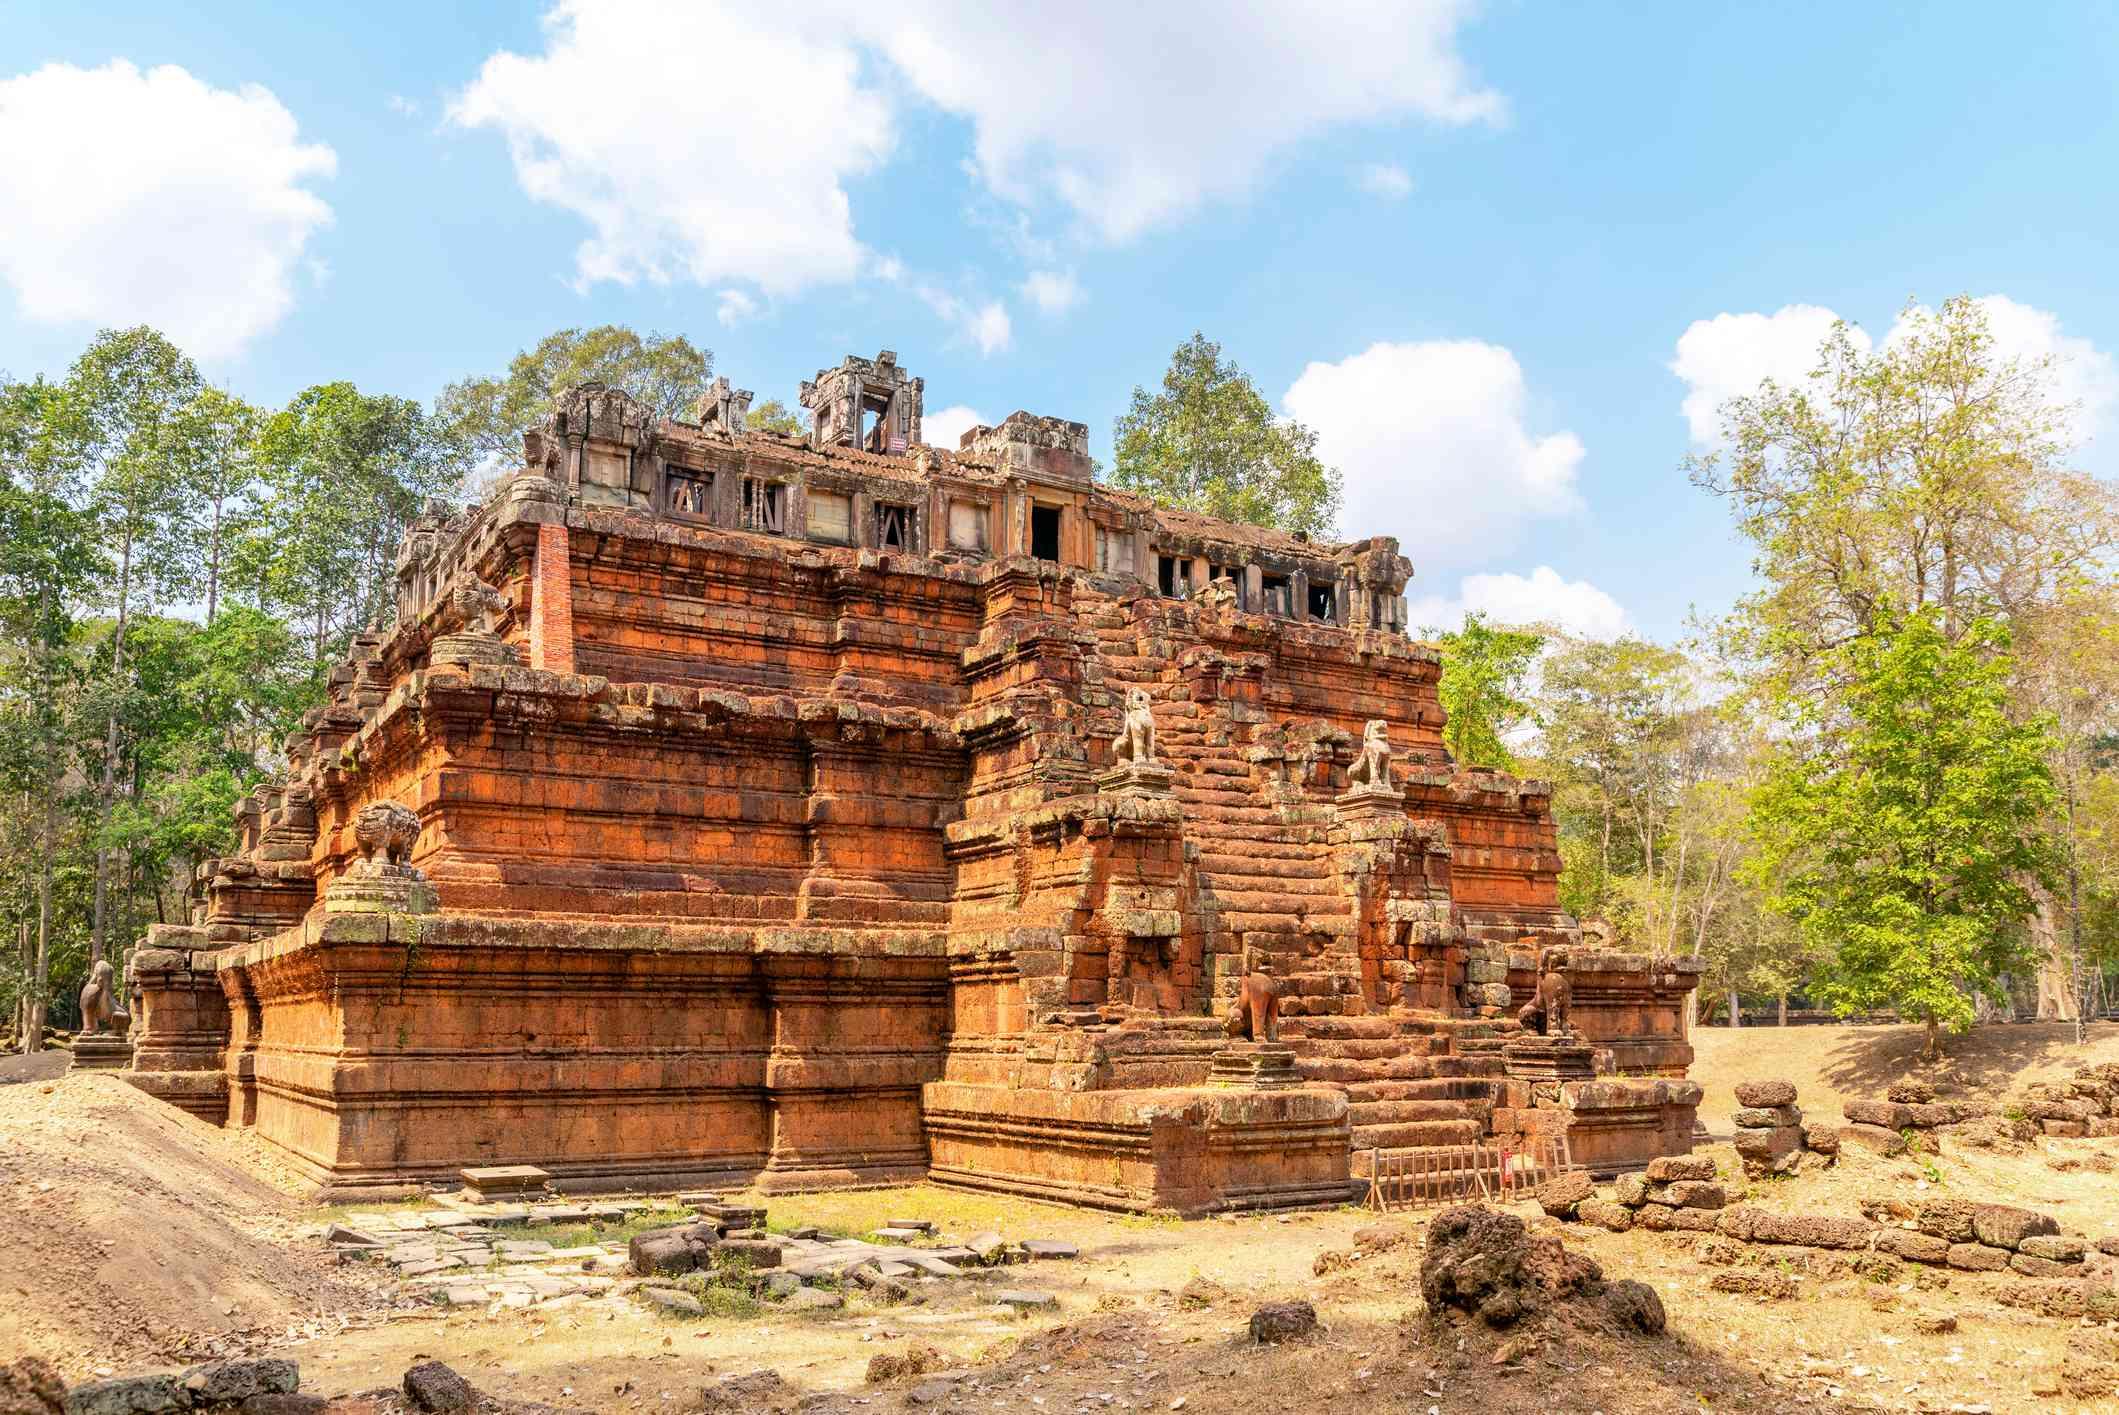 Phimeanakas temple in Angkor, Cambodia